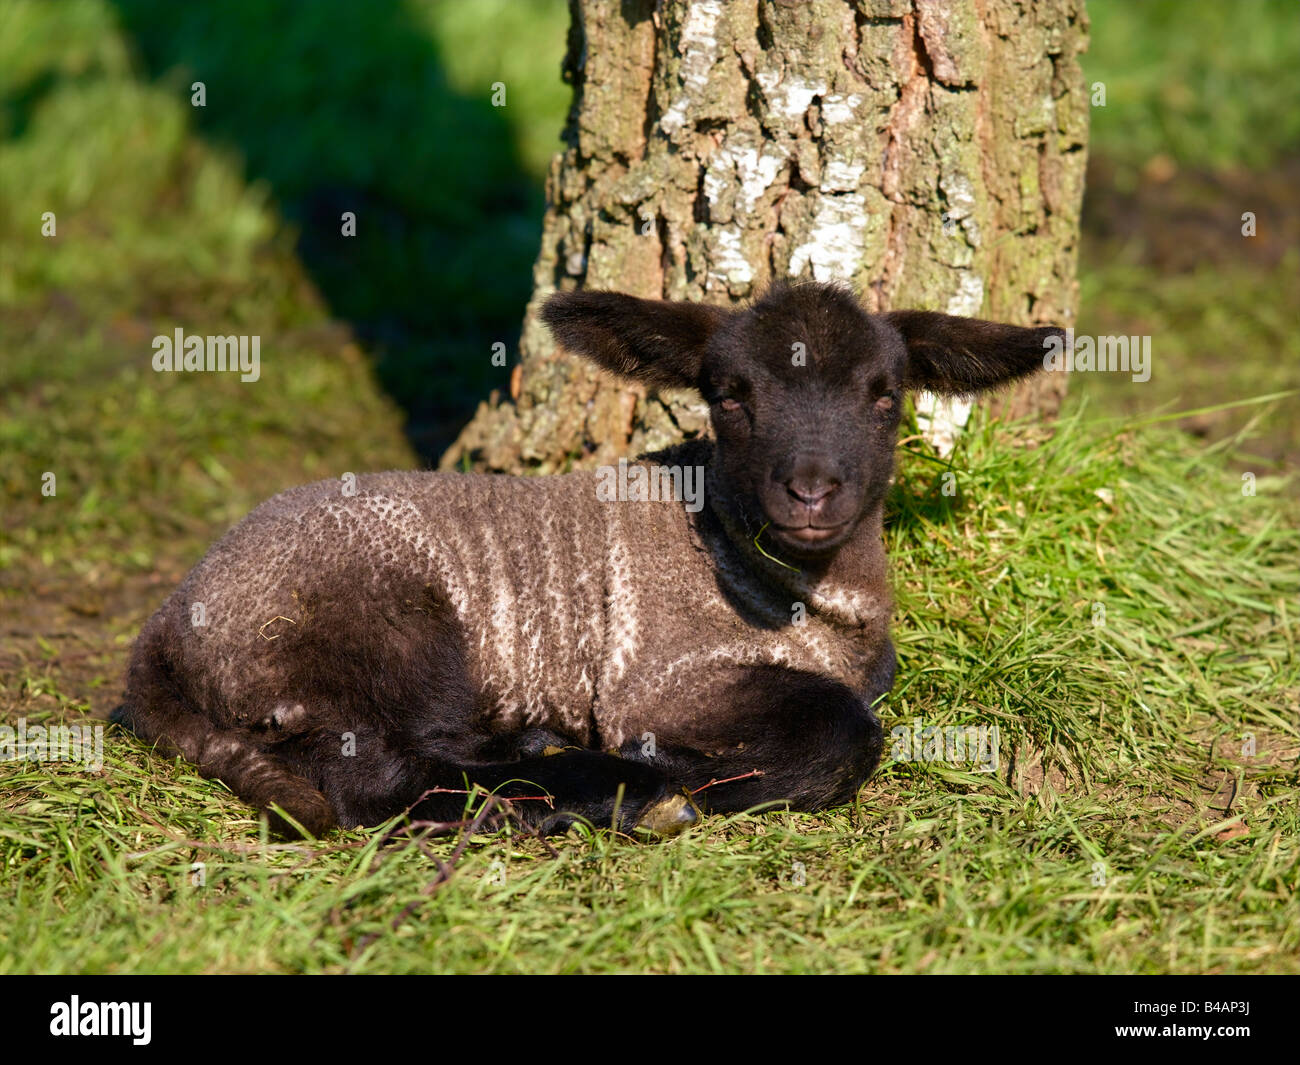 Mammals, Sheep, Lamb - Stock Image